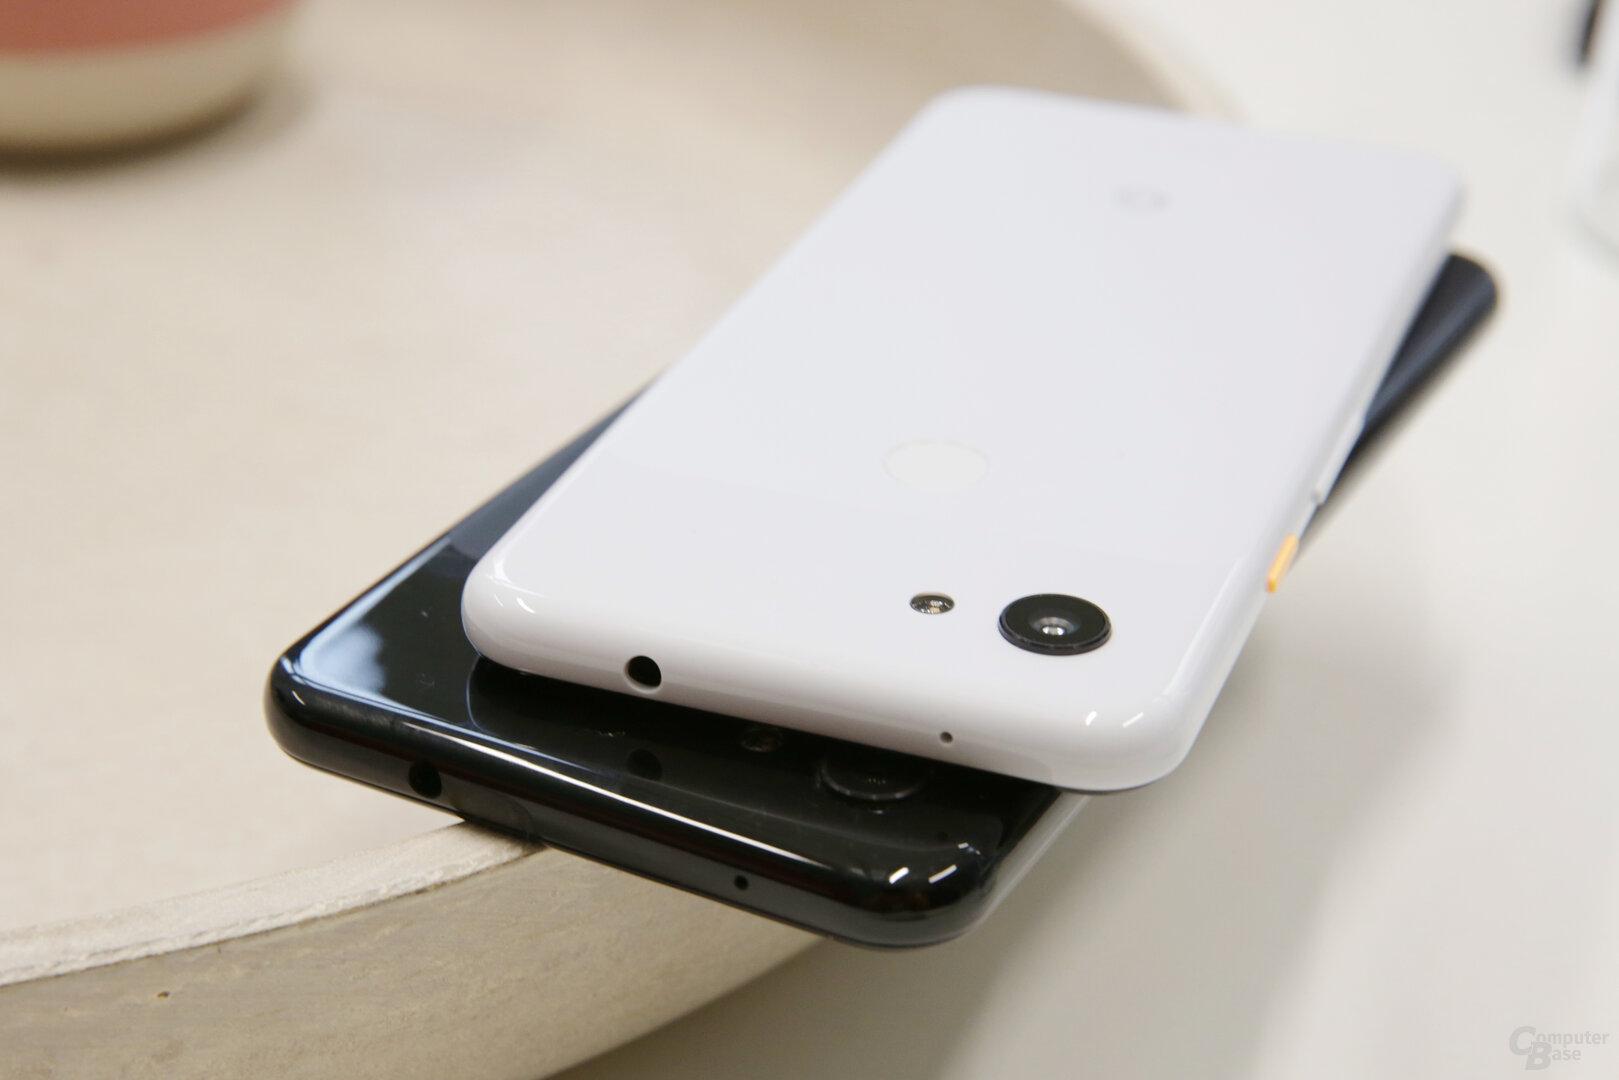 Die Kopfhörerbuchse ist mit dem Pixel 3a zurück